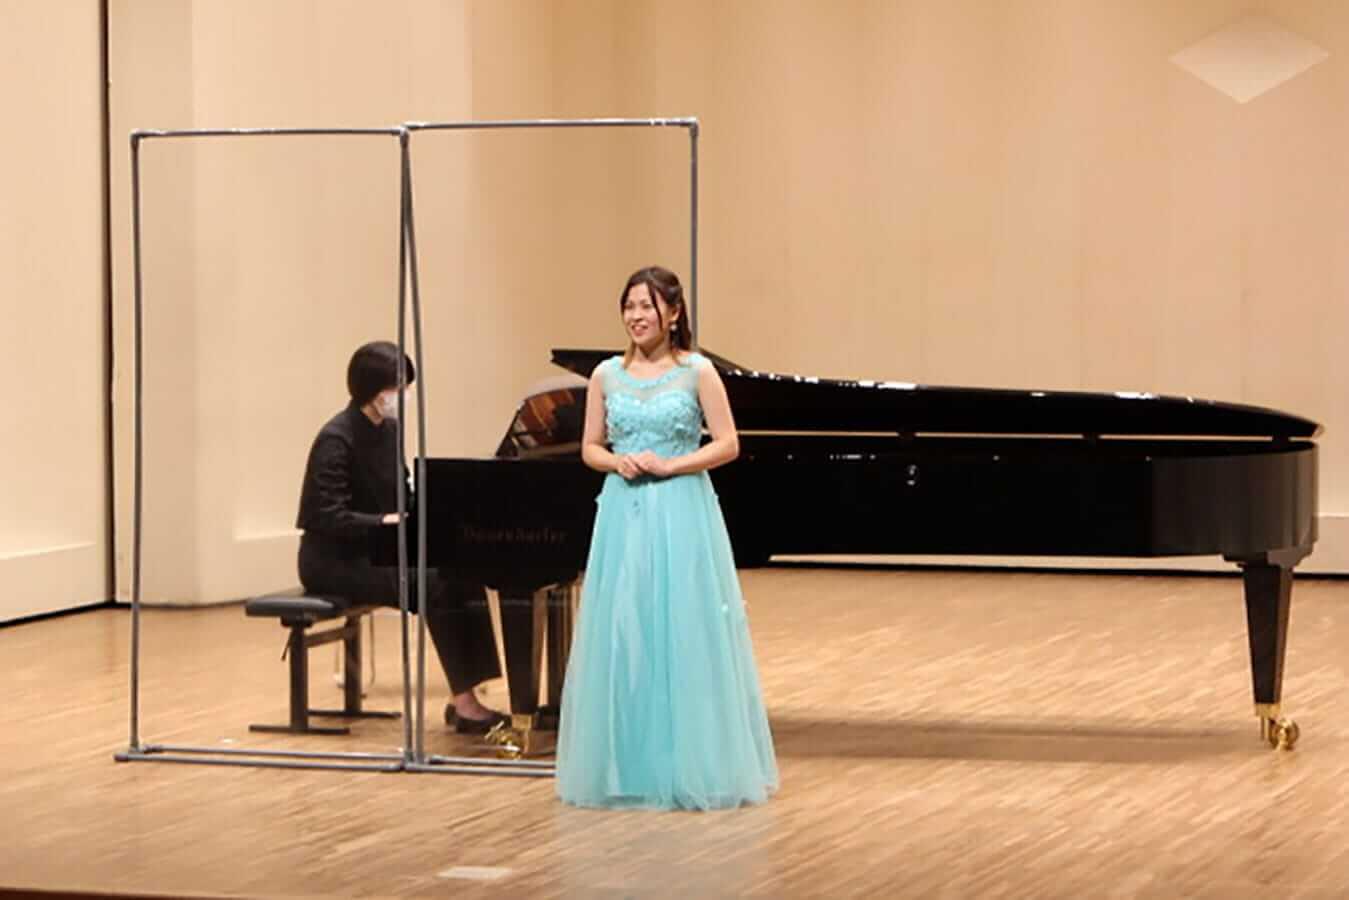 [写真]学内演奏会 ―声楽コース 1・2年次 独唱 3年次 日本歌曲―演奏風景11